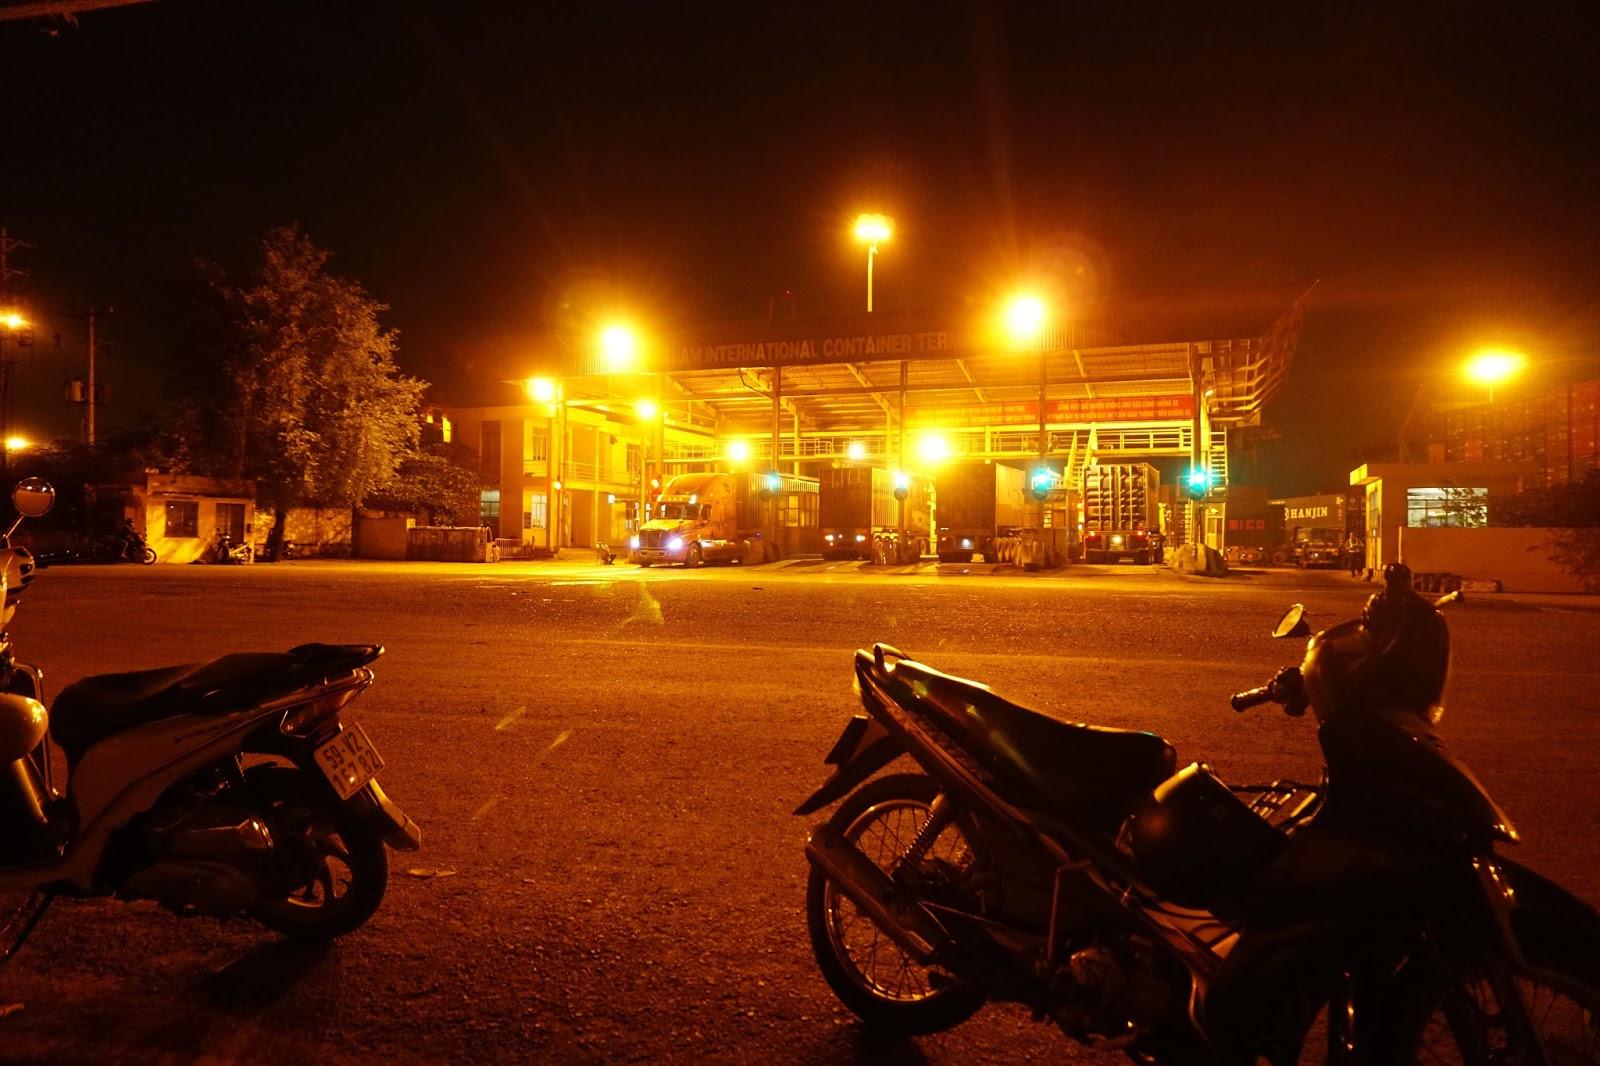 Tiếp tục ngồi chờ ở cảng VICT trong bóng đêm...đèn mờ